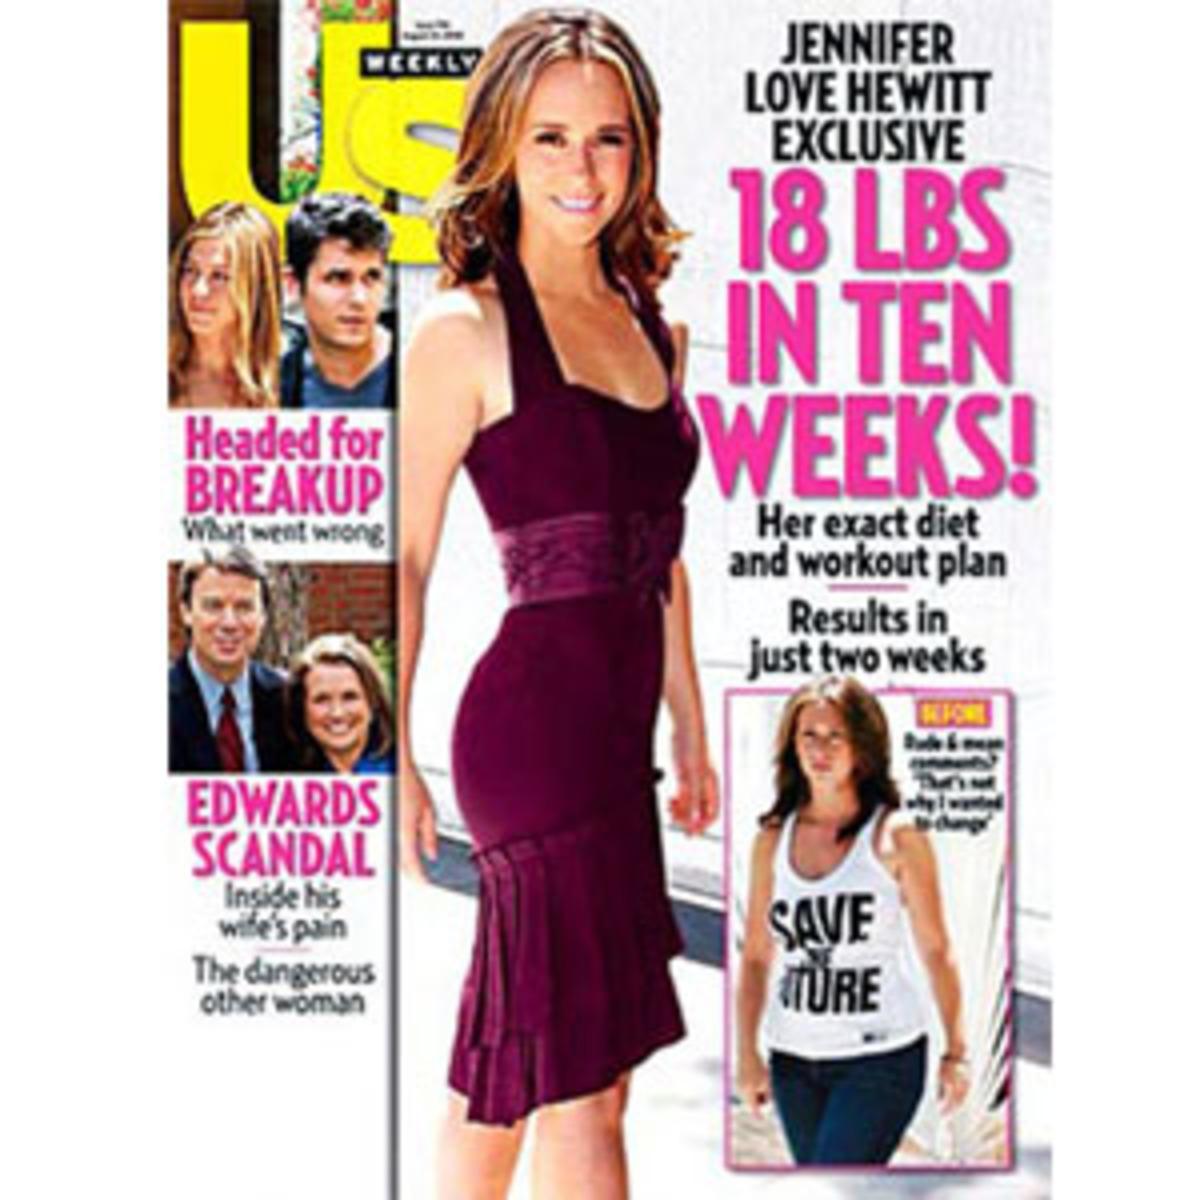 Jennifer comment elle a maigri : astuce pour maigrir sans